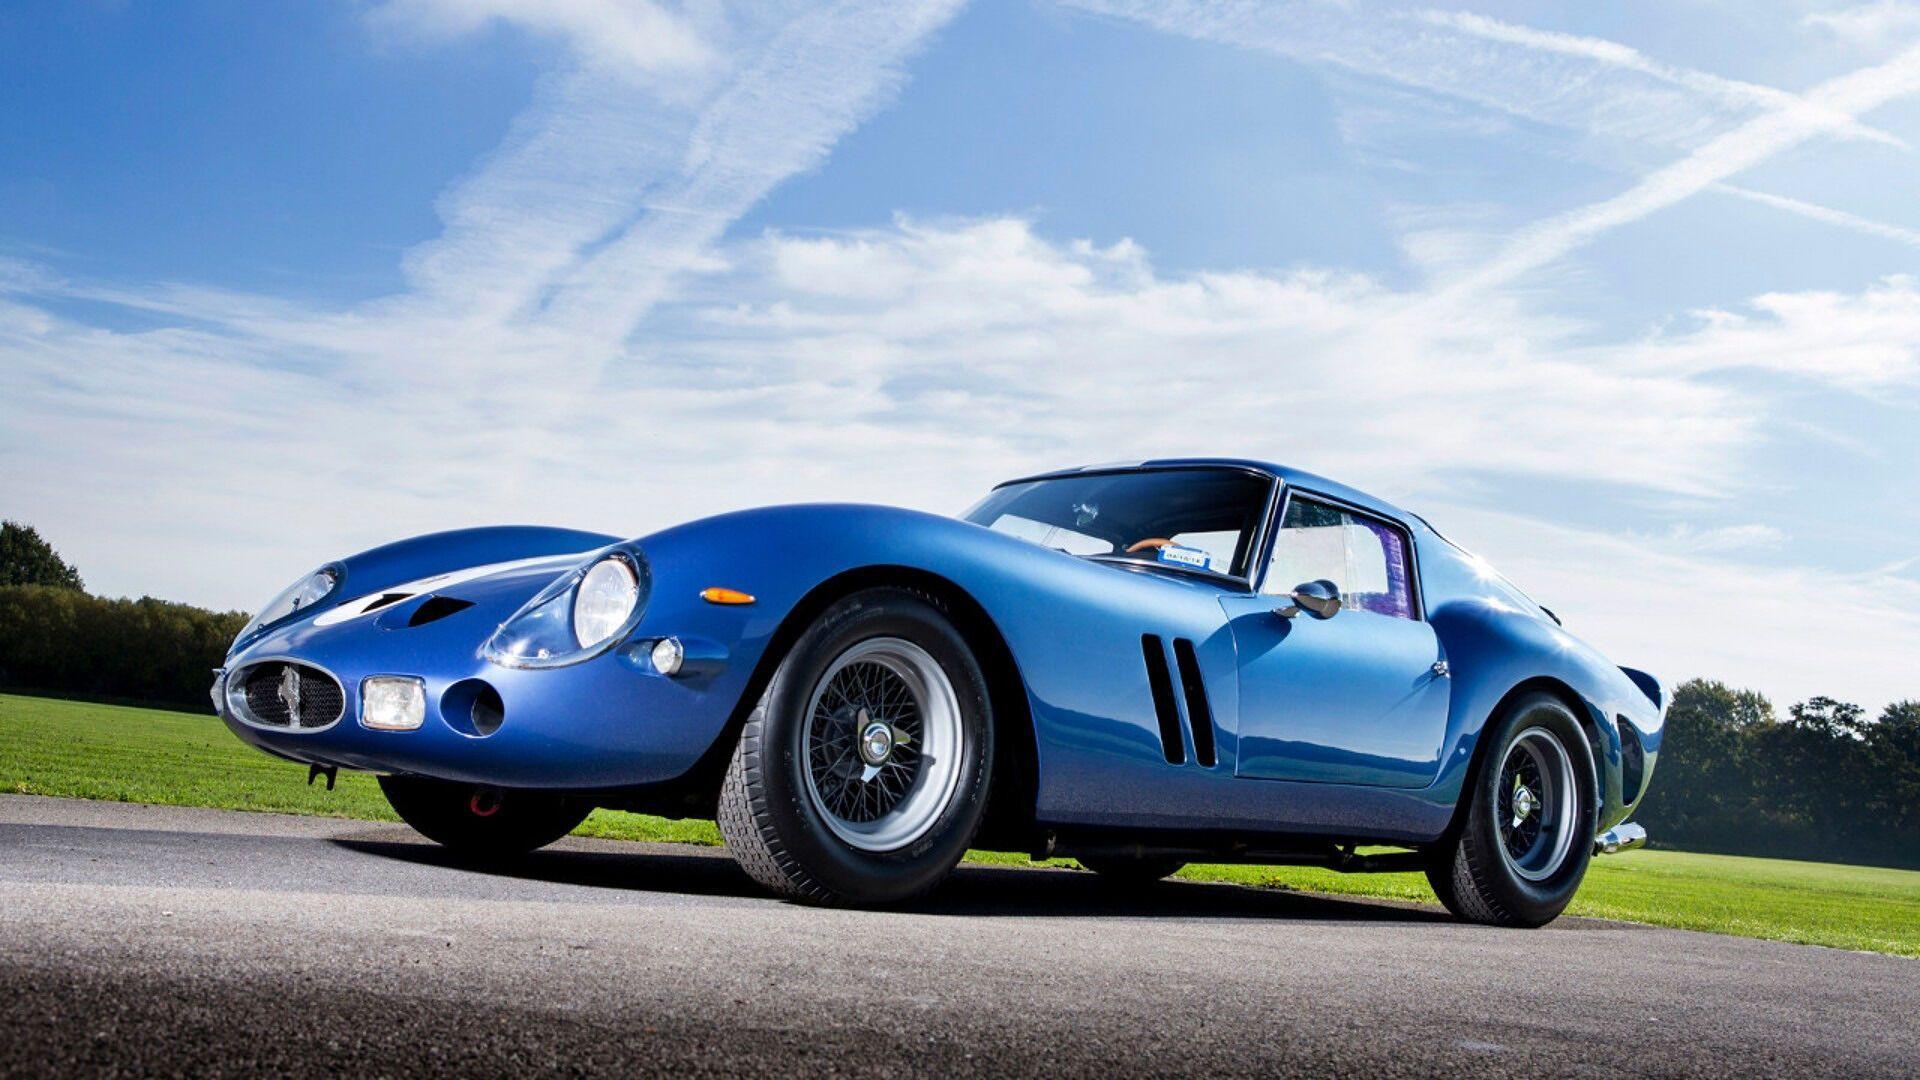 Ferrari 250 GTO 1963 року із шасі під номером 4153GT в 2018 році був придбаний Девідом Макнілом за $70 млн